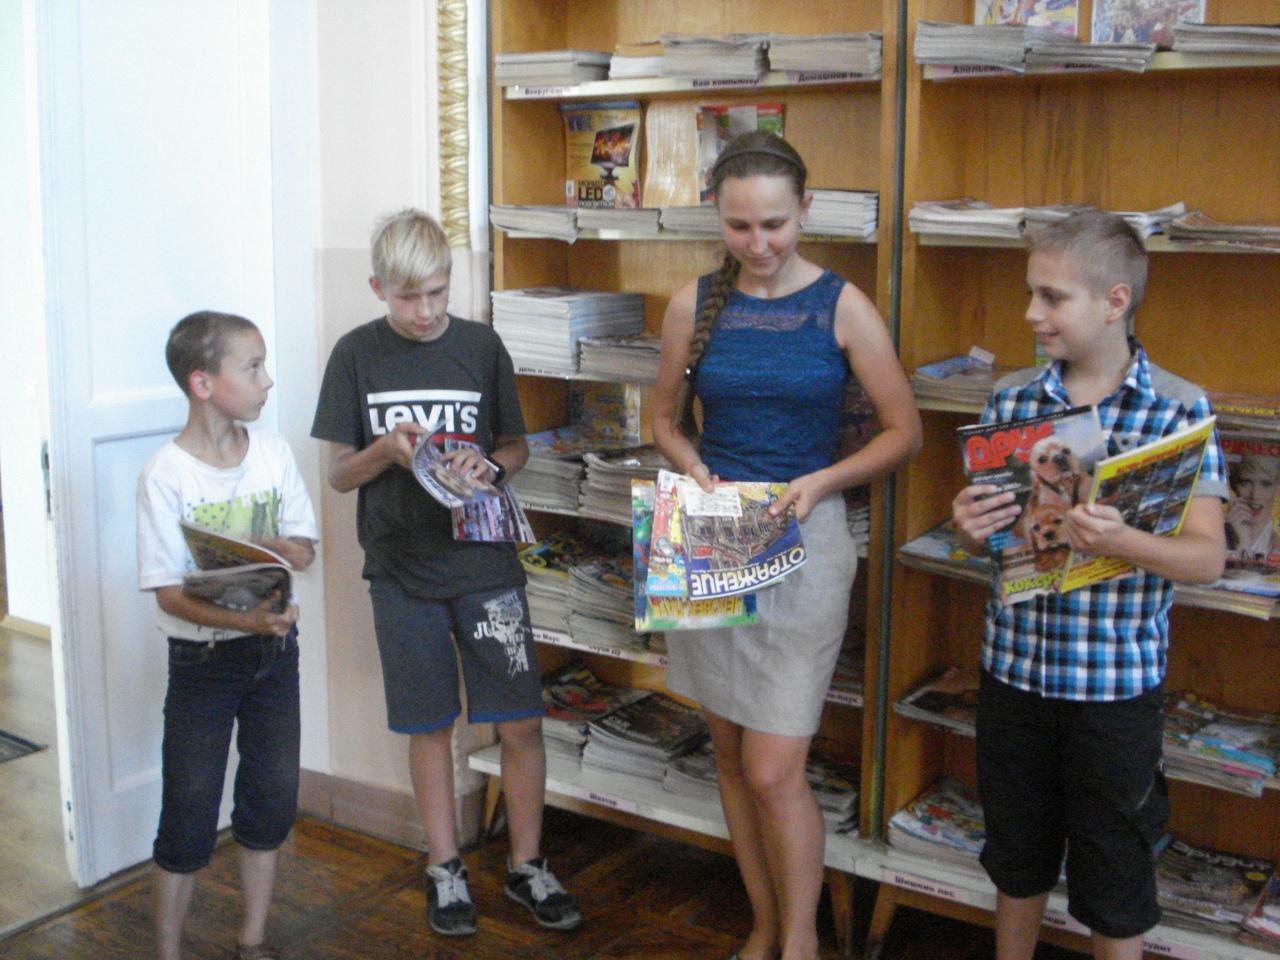 читаем всей семьей, донецкая республиканская библиотека для детей, занятия с детьми, отдел обслуживания учащихся  5-9 классов, читаем журналы